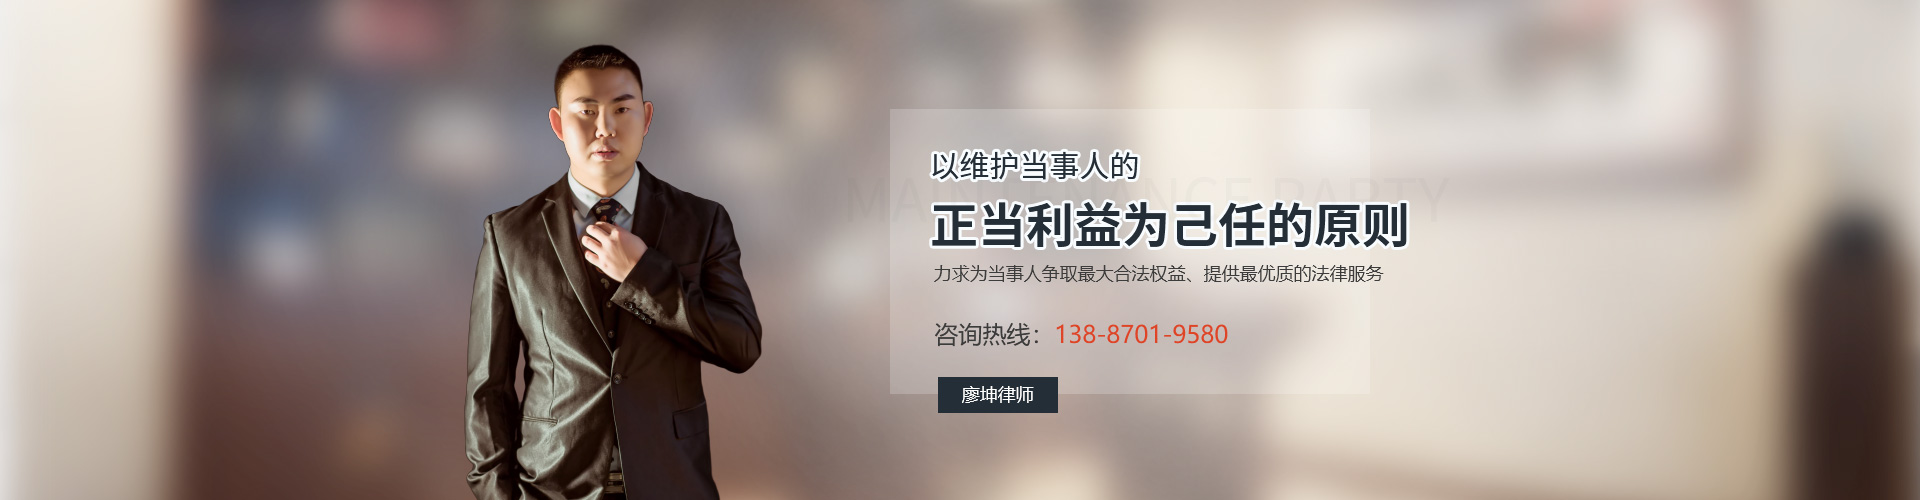 廖坤律师i